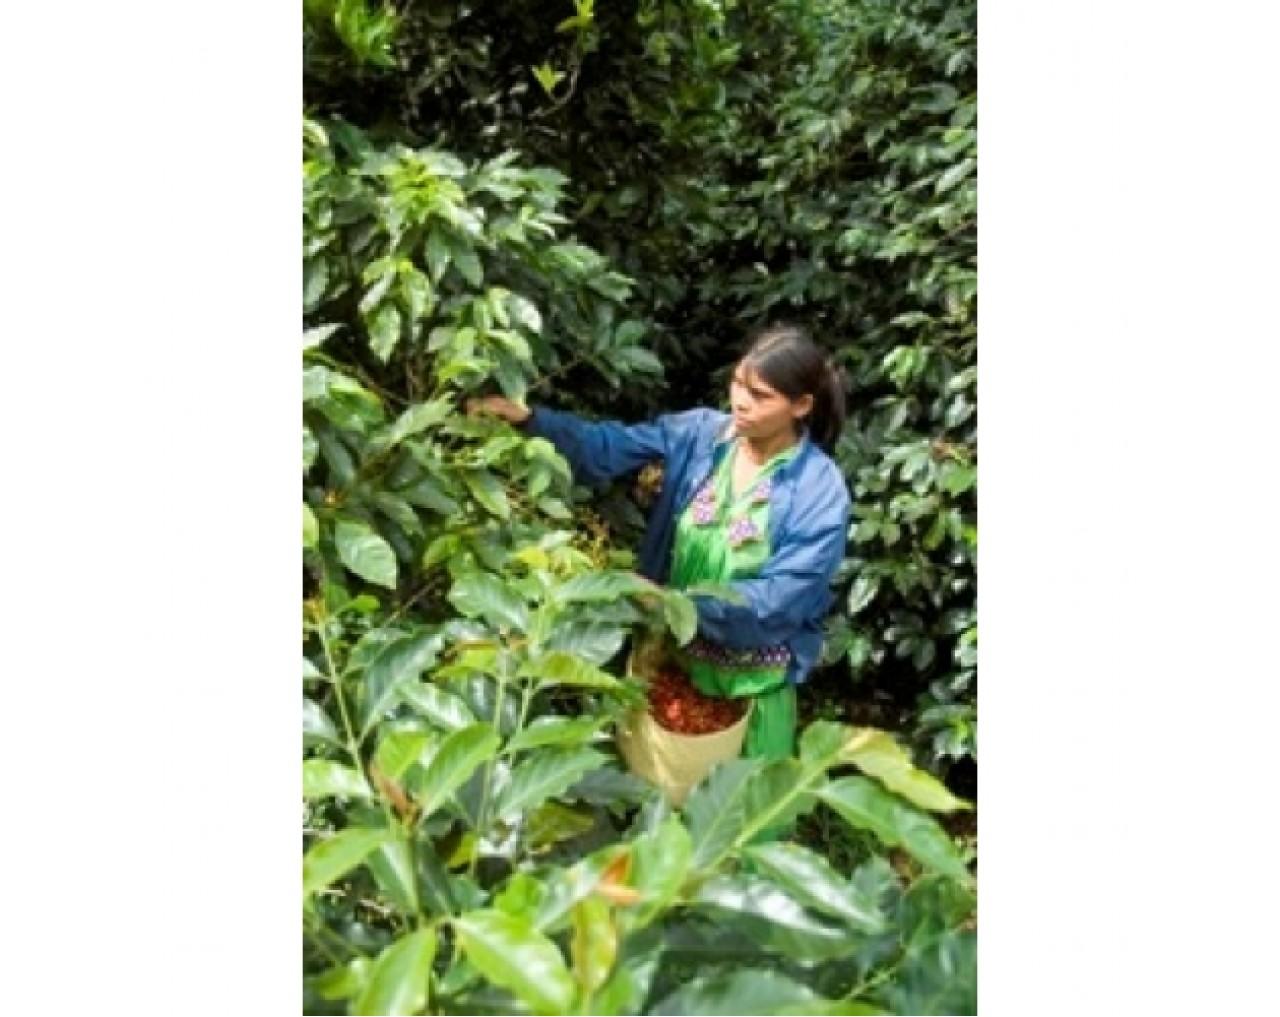 Hacienda La Minita El Conquistador - Costa Rica